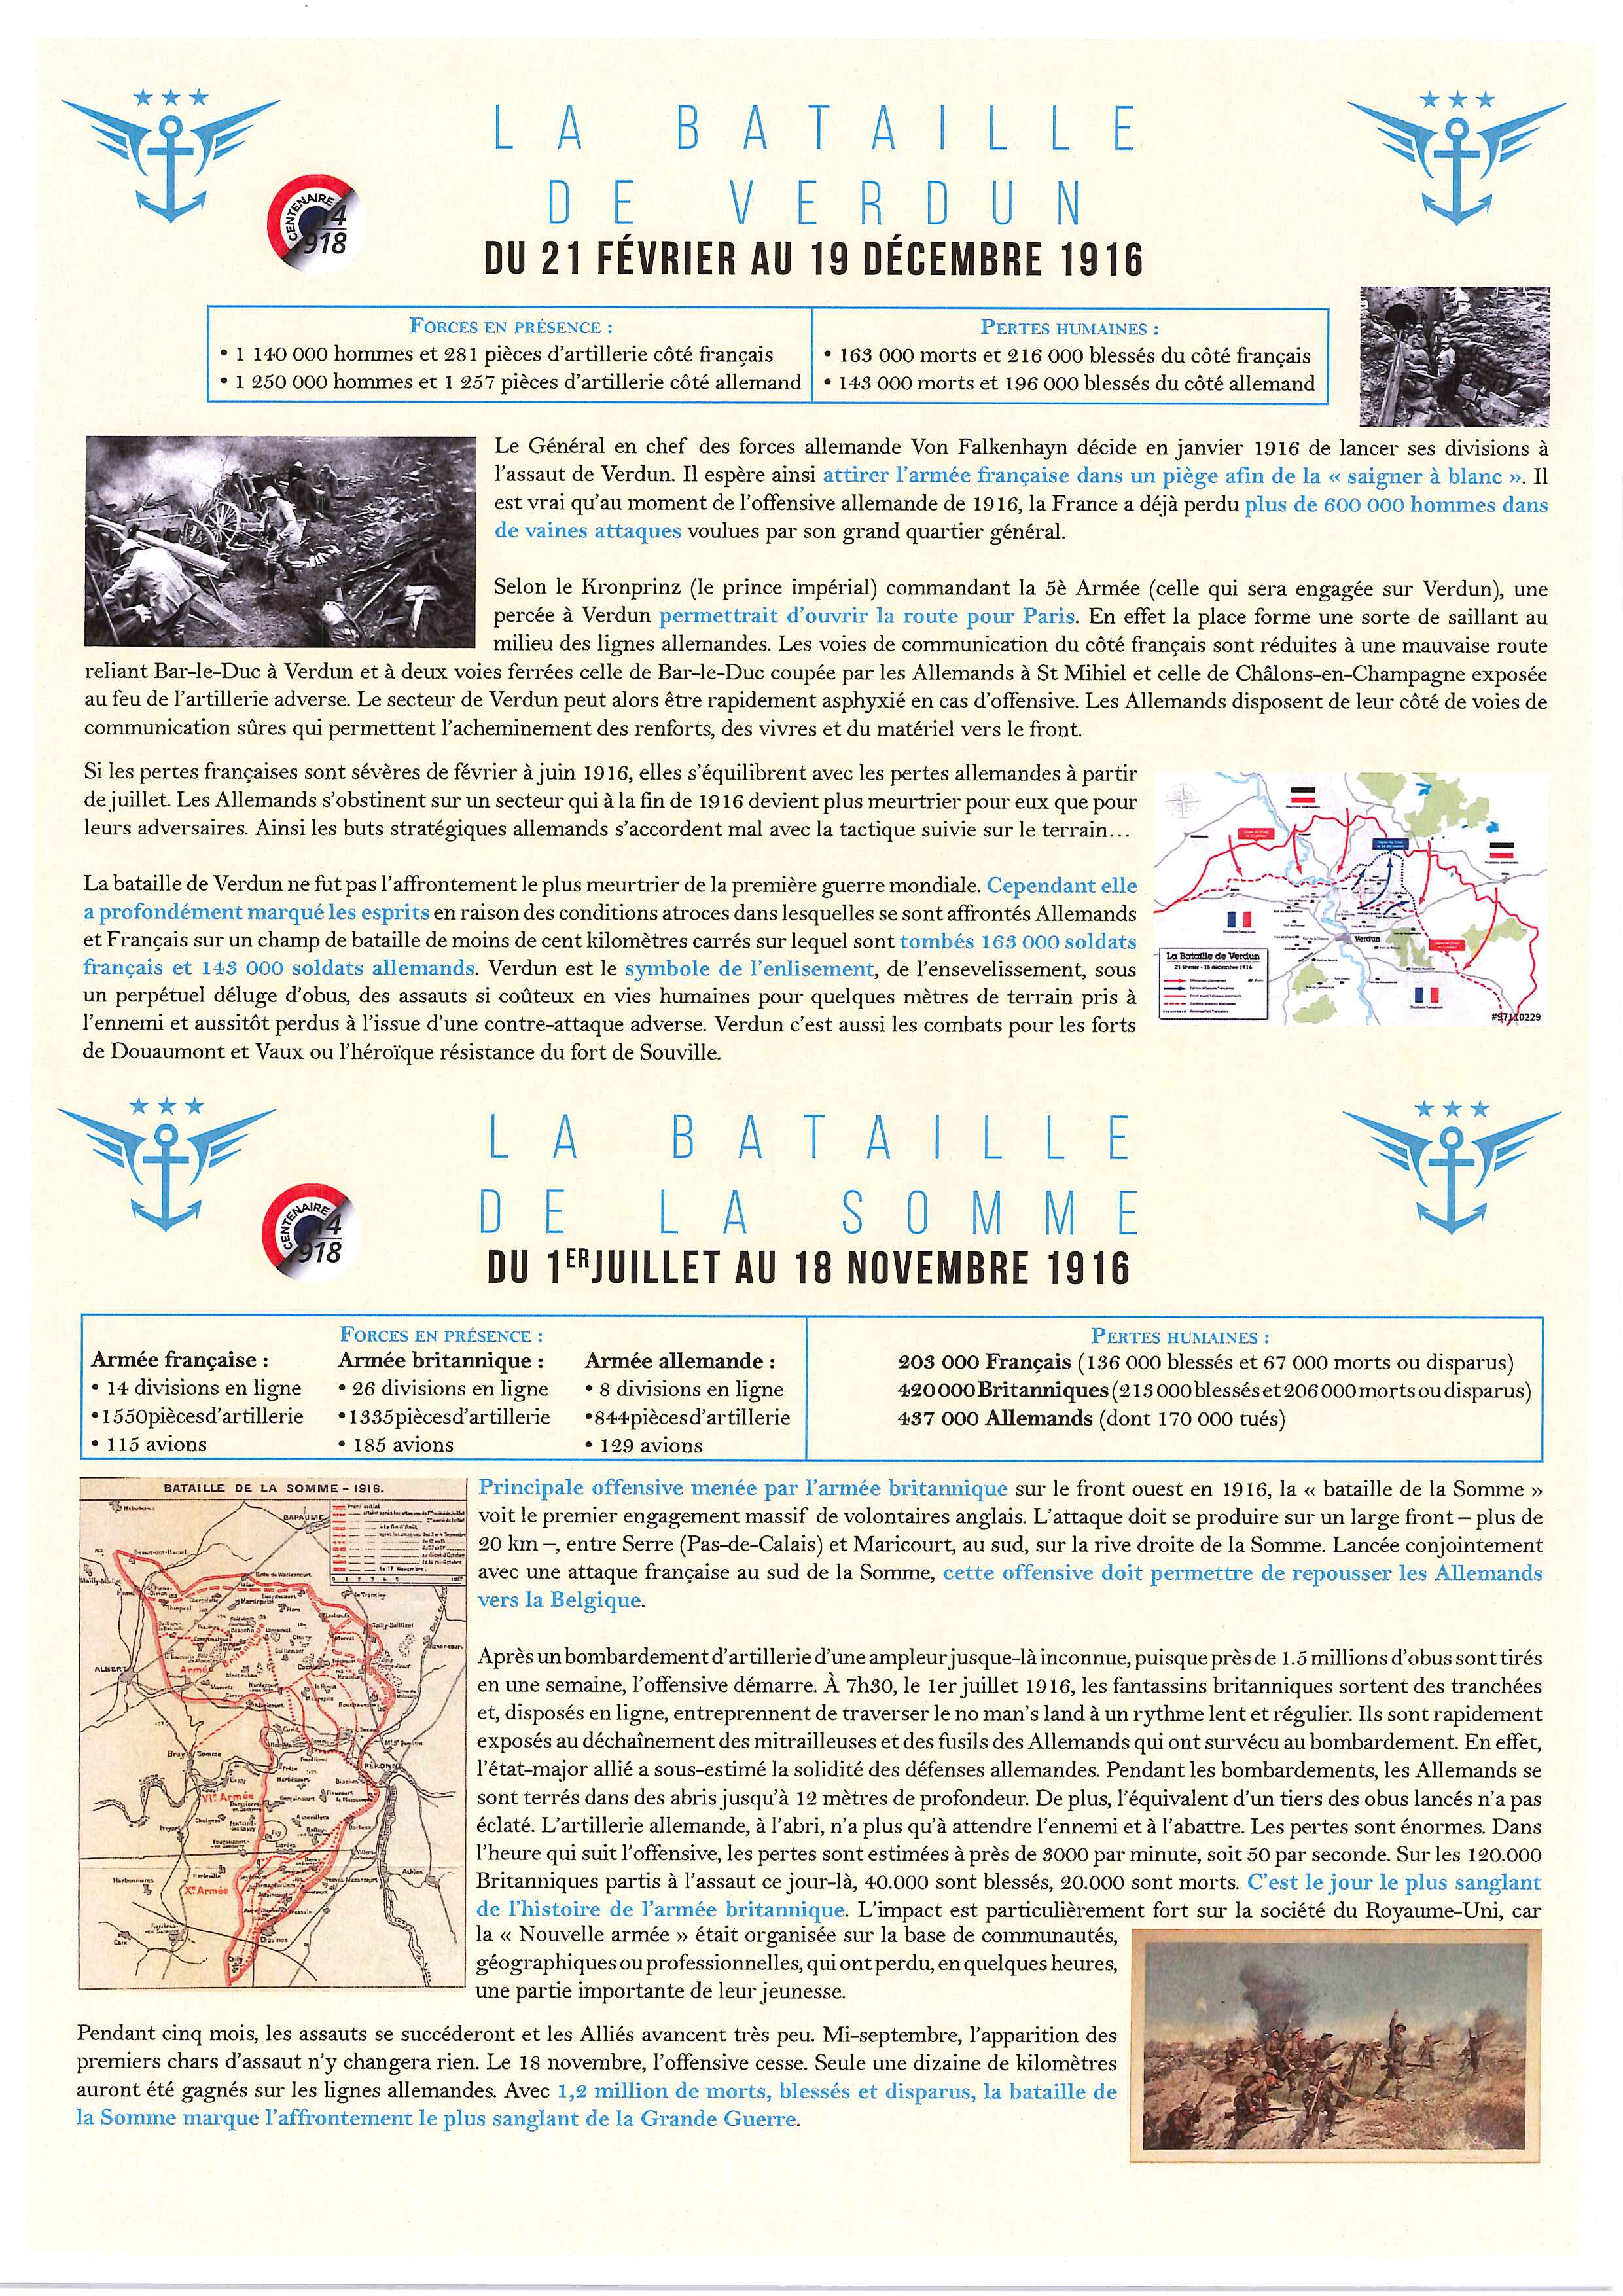 Les batailles de Verdun et de la Somme